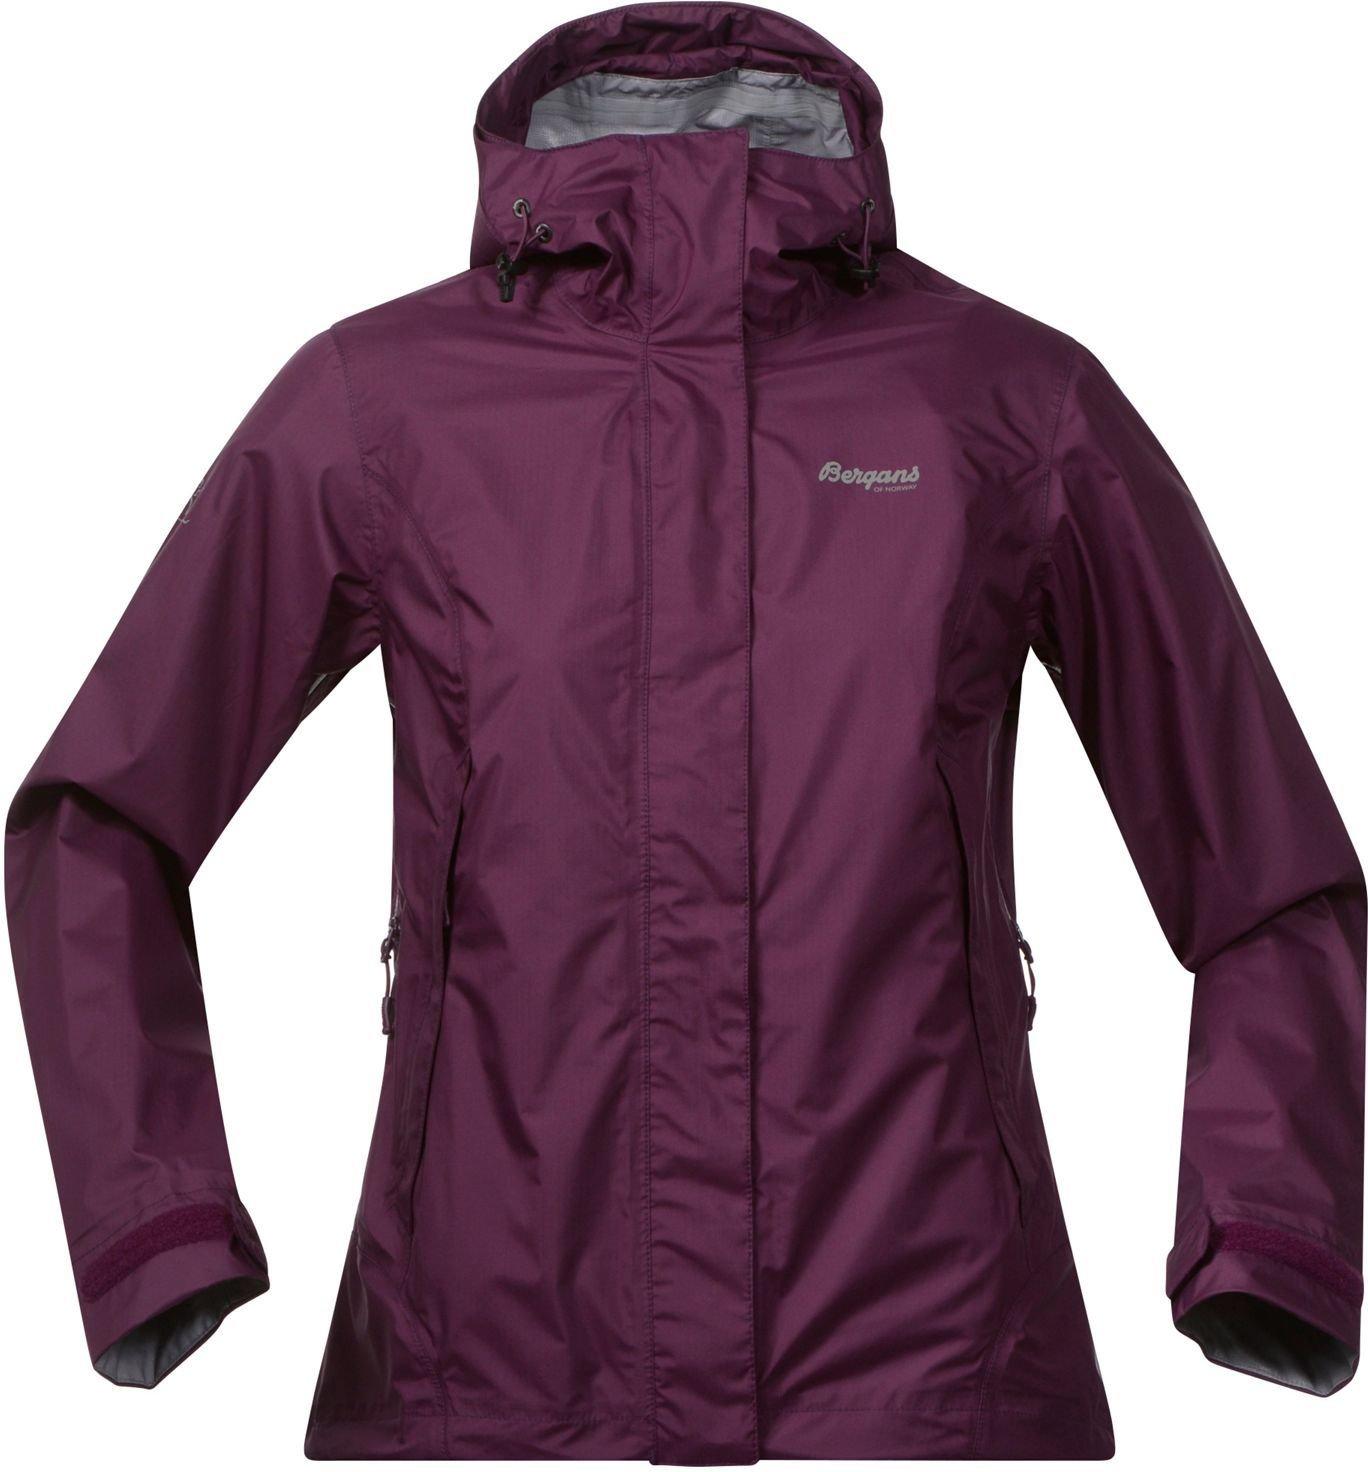 Bergans jakker var dame jakker, sammenlign priser og kjøp på